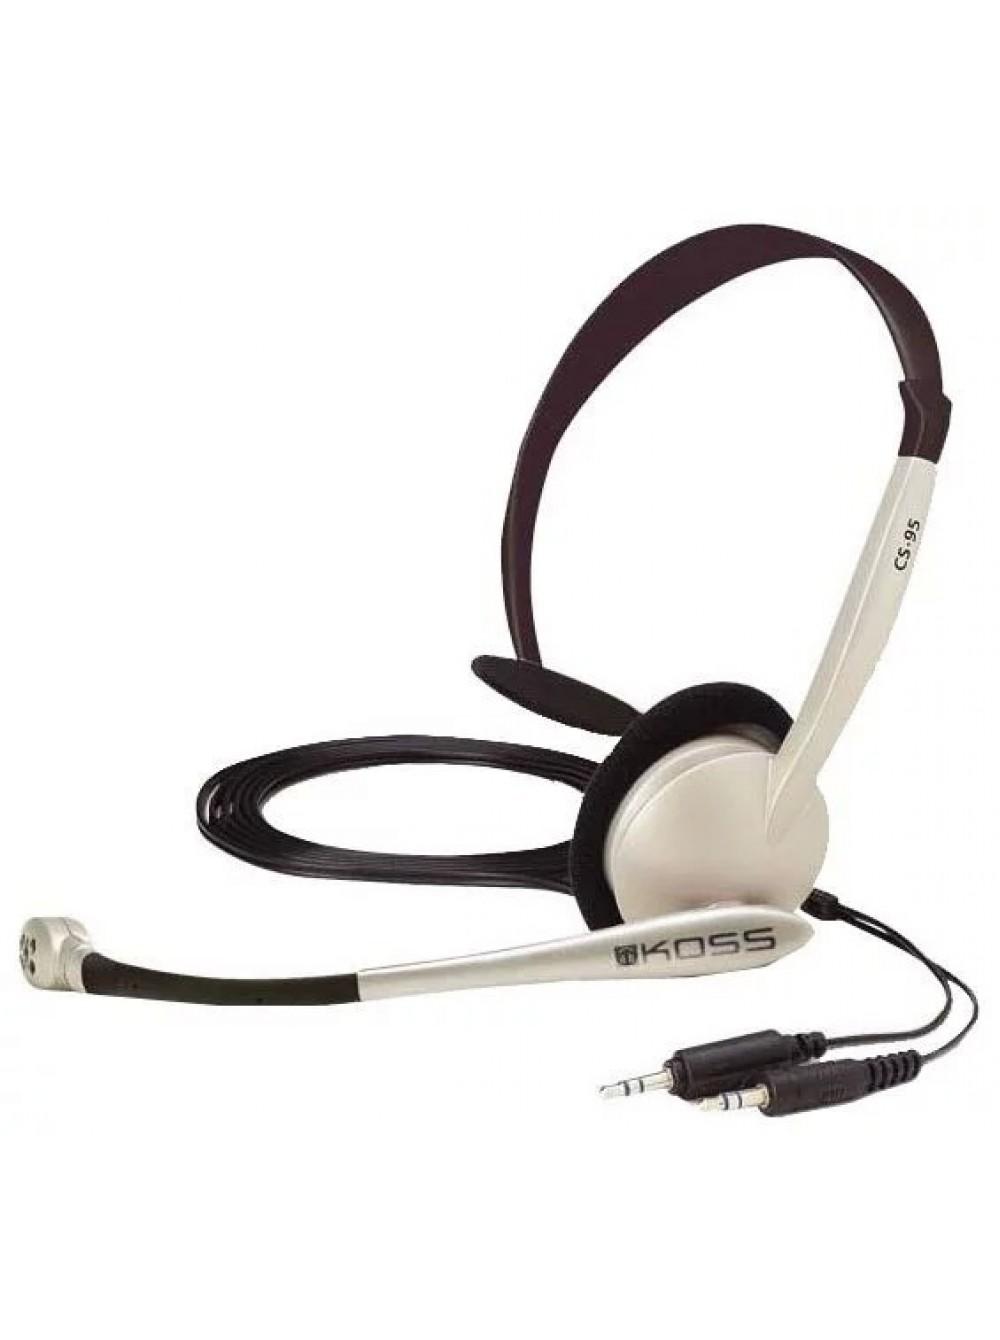 Наушники с микрофоном KOSS CS95 купить недорого – фото 9cd8d8c510f45